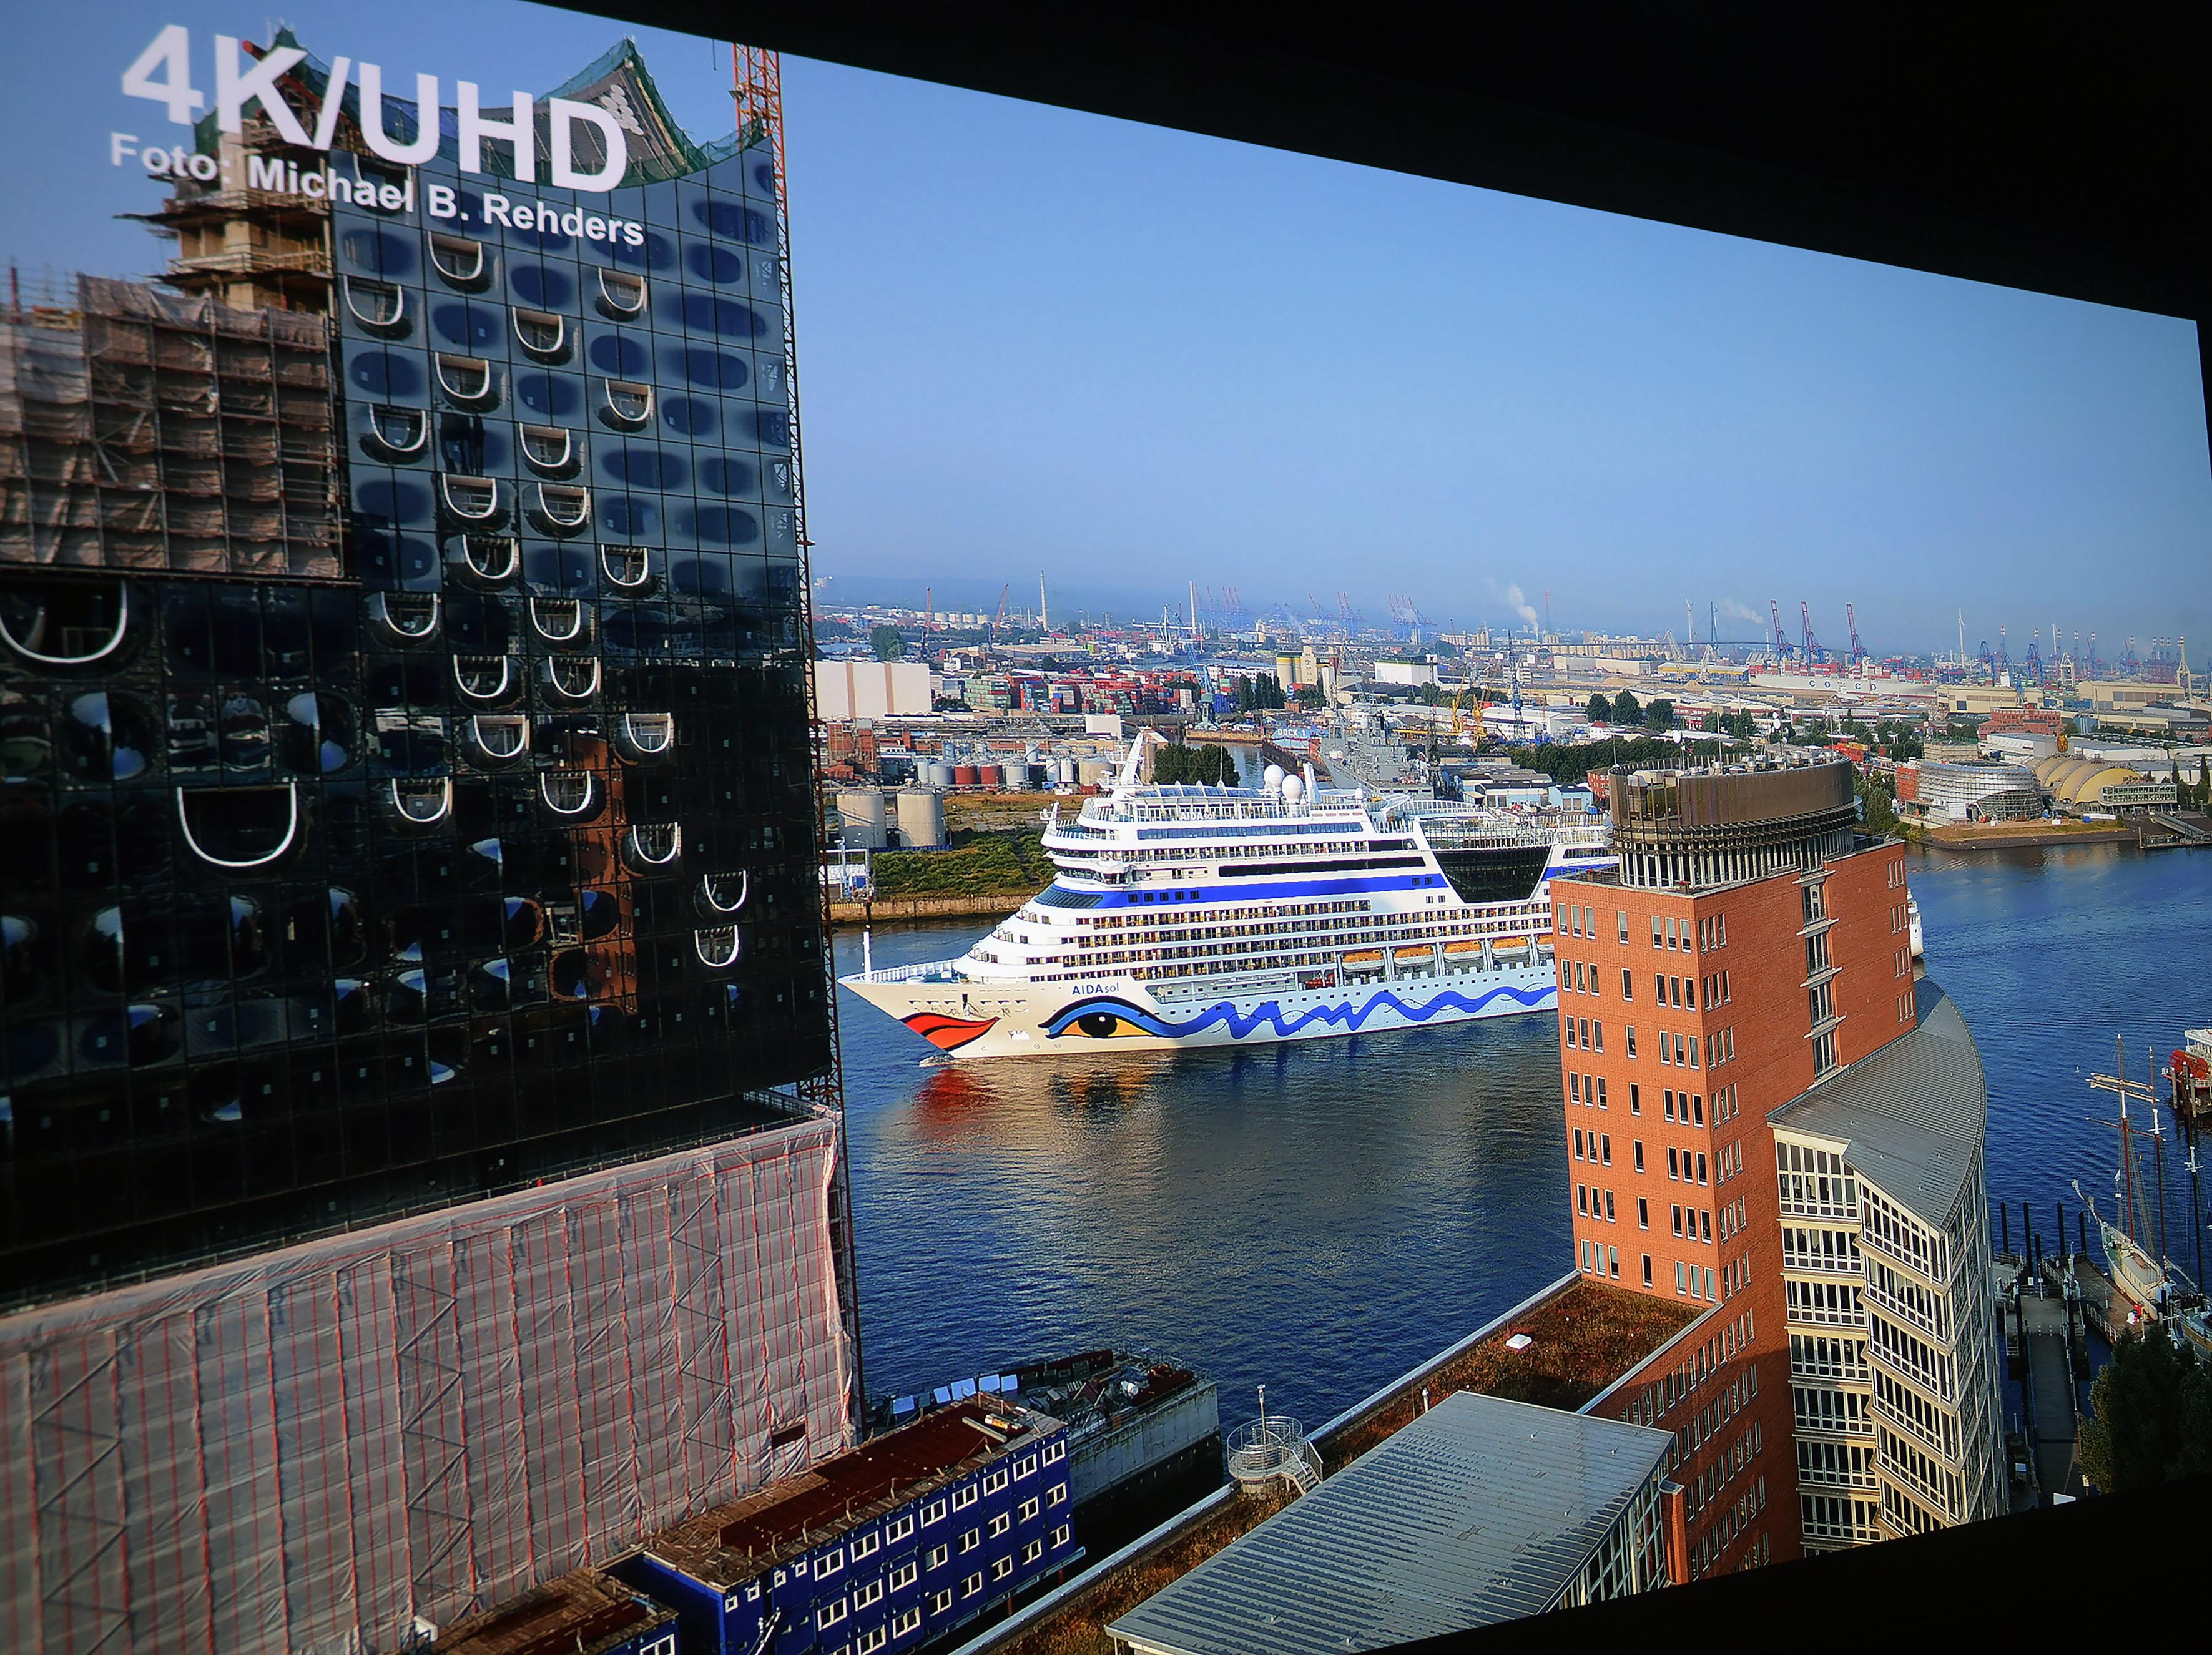 Foto: Michael B. Rehders Die Aufnahme von der AIDA Sol, die vormittags die Elbe hinauf fährt, besticht mit herrlichen Farben. Schauen wir uns die Auflösung mal genauer an.